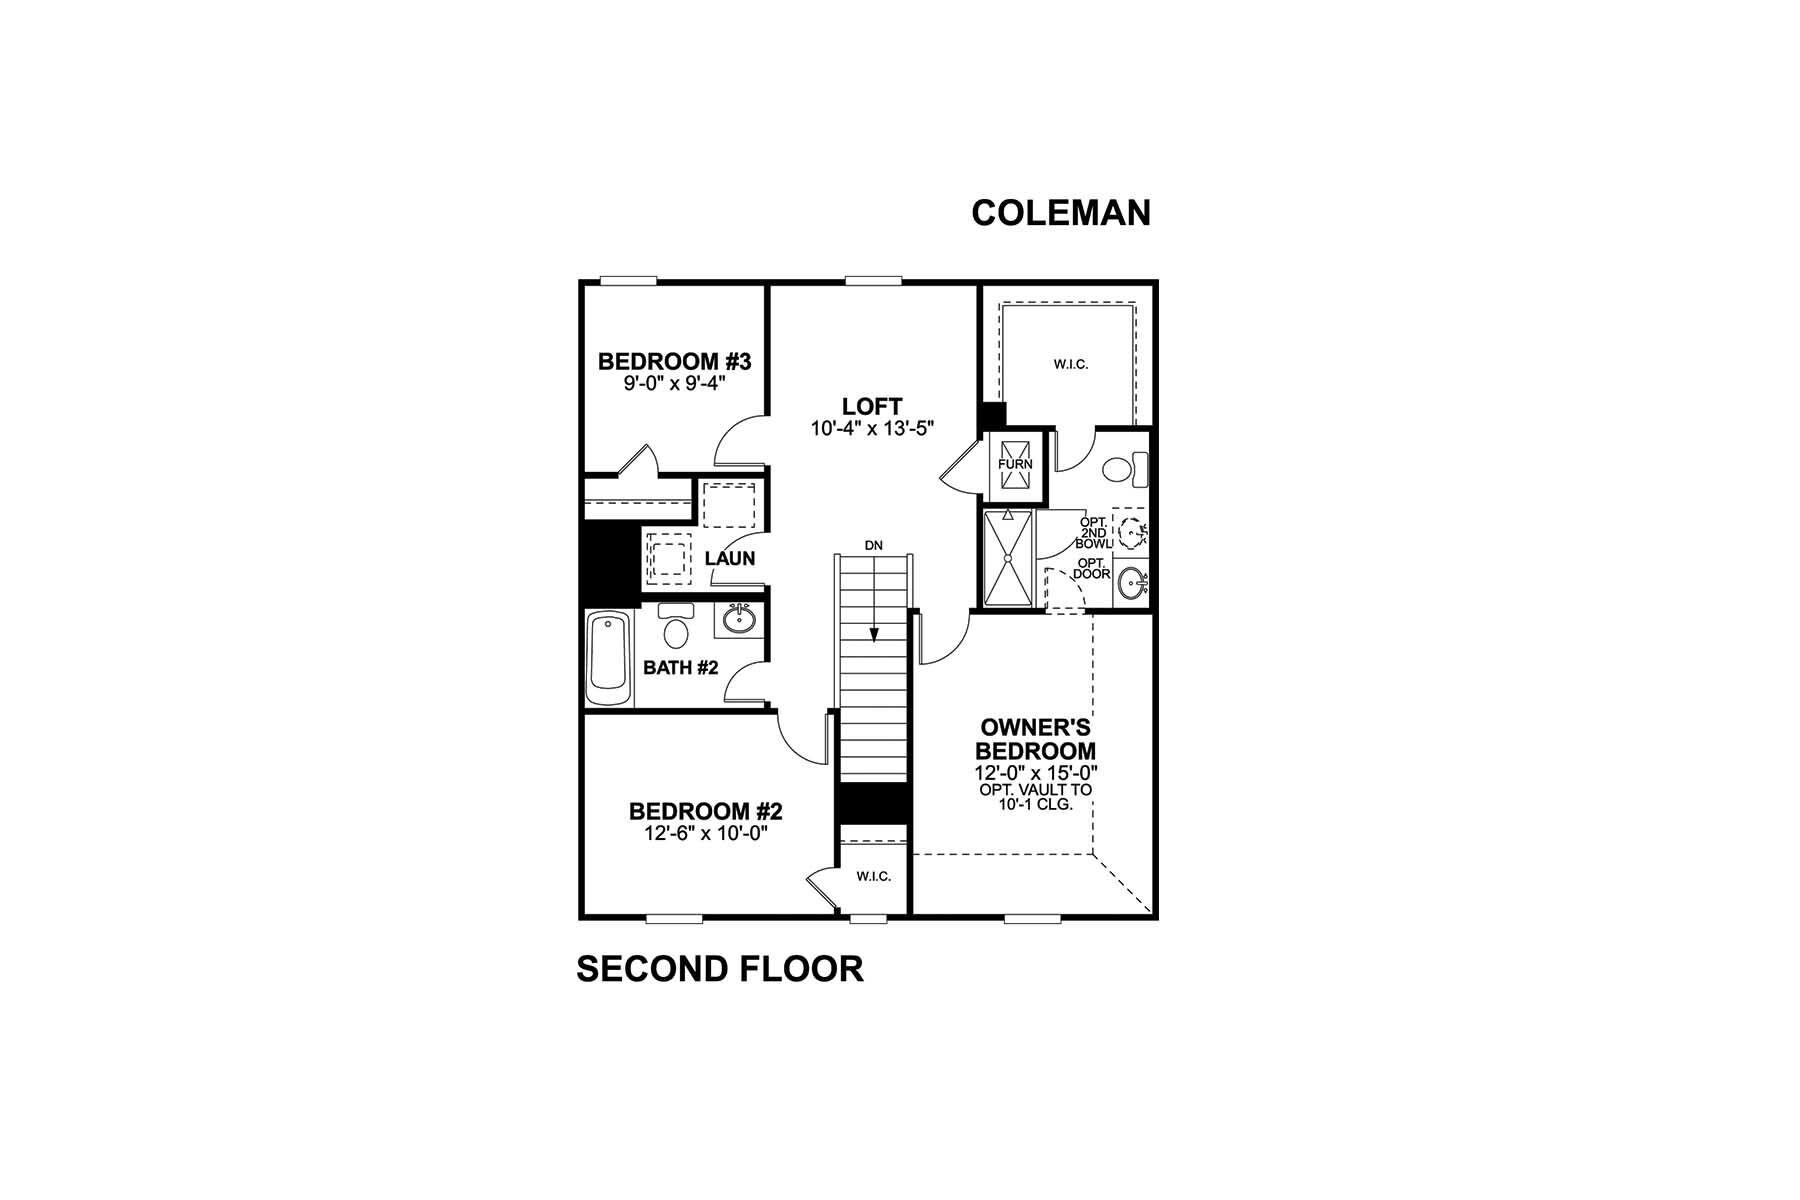 Coleman Second Floor